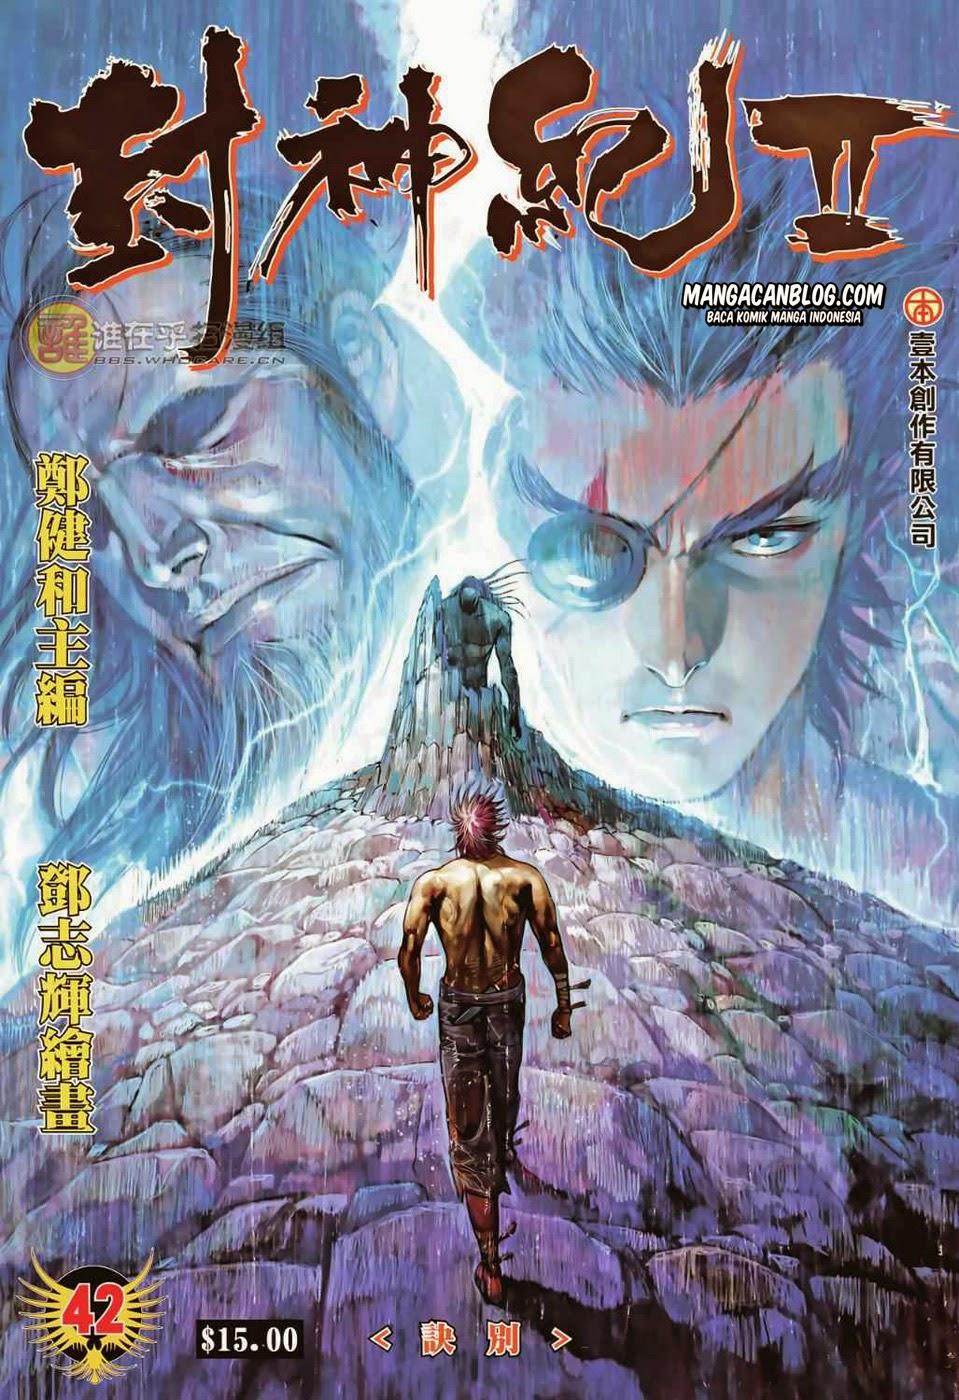 Dilarang COPAS - situs resmi www.mangacanblog.com - Komik feng shen ji 2 042 - perpisahan 43 Indonesia feng shen ji 2 042 - perpisahan Terbaru |Baca Manga Komik Indonesia|Mangacan